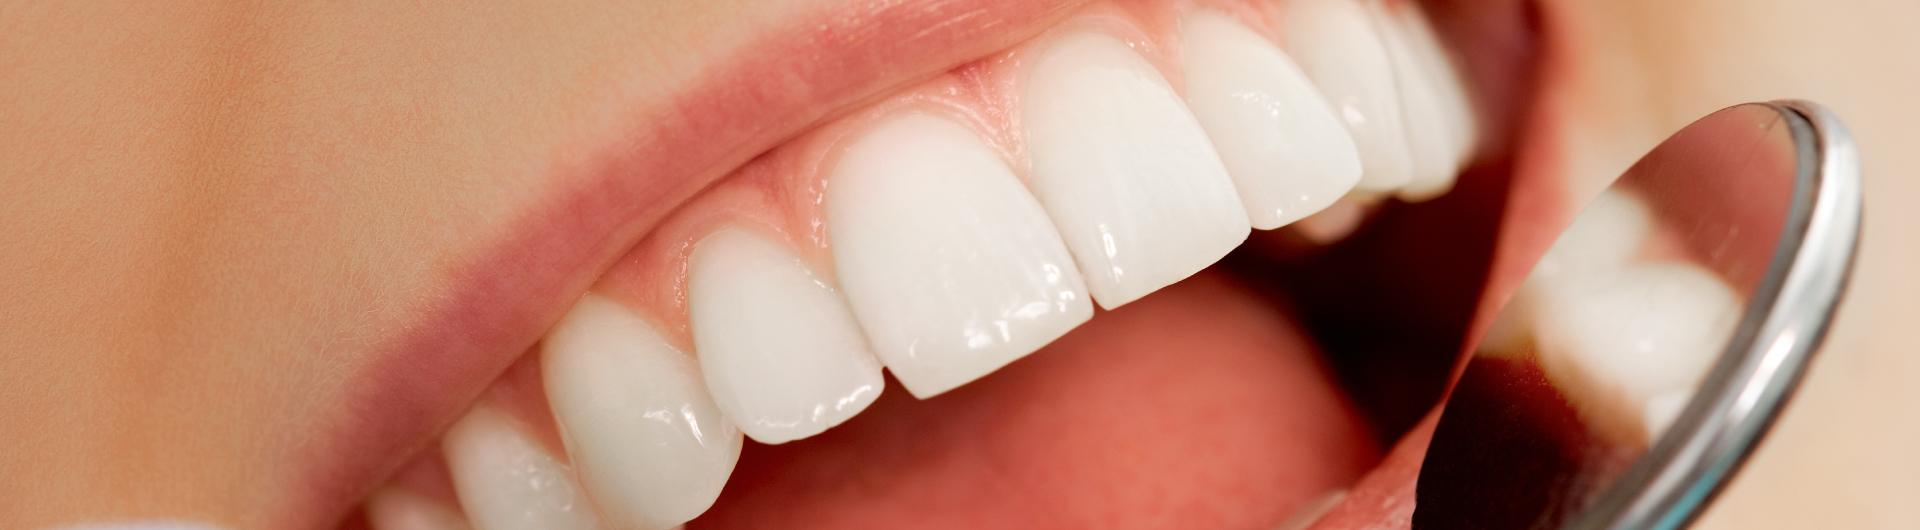 Programa de Especialización en Imagenología Oral y Maxilofacial